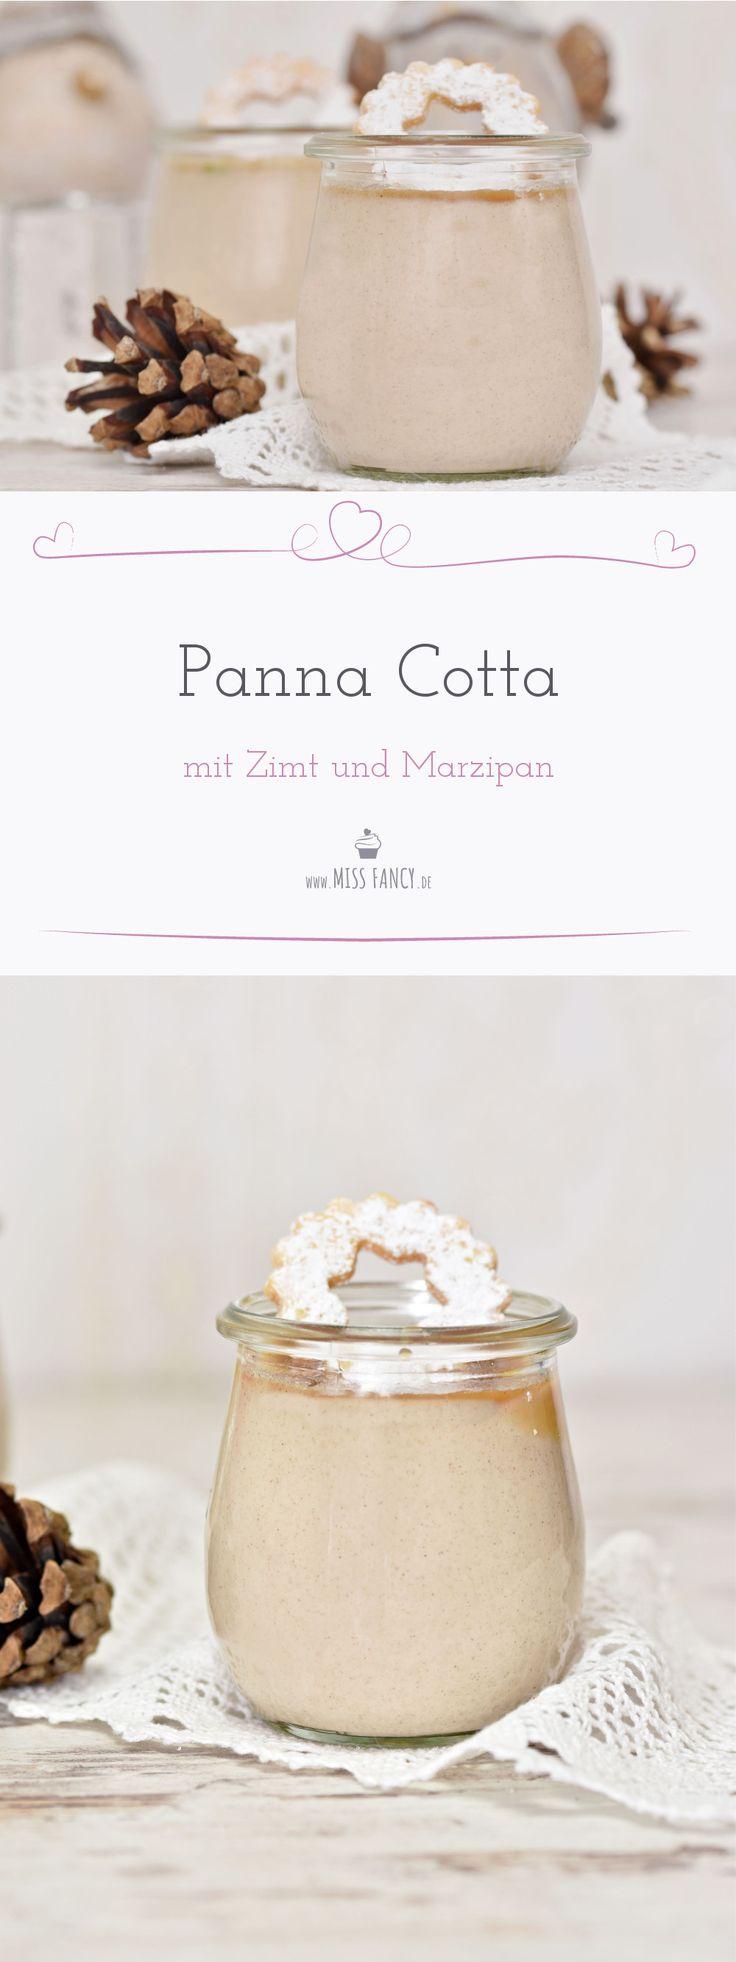 Panna Cotta ist ein italienisches Dessert, das du ganz einfach zu Hause selber machen kannst. Gerade jetzt in der Weihnachtszeit schmeckt dieses Dessert mit Marzipan und Zimt besonders lecker. #Panna Cotta #Pannacotta #Marzipan #Dessert